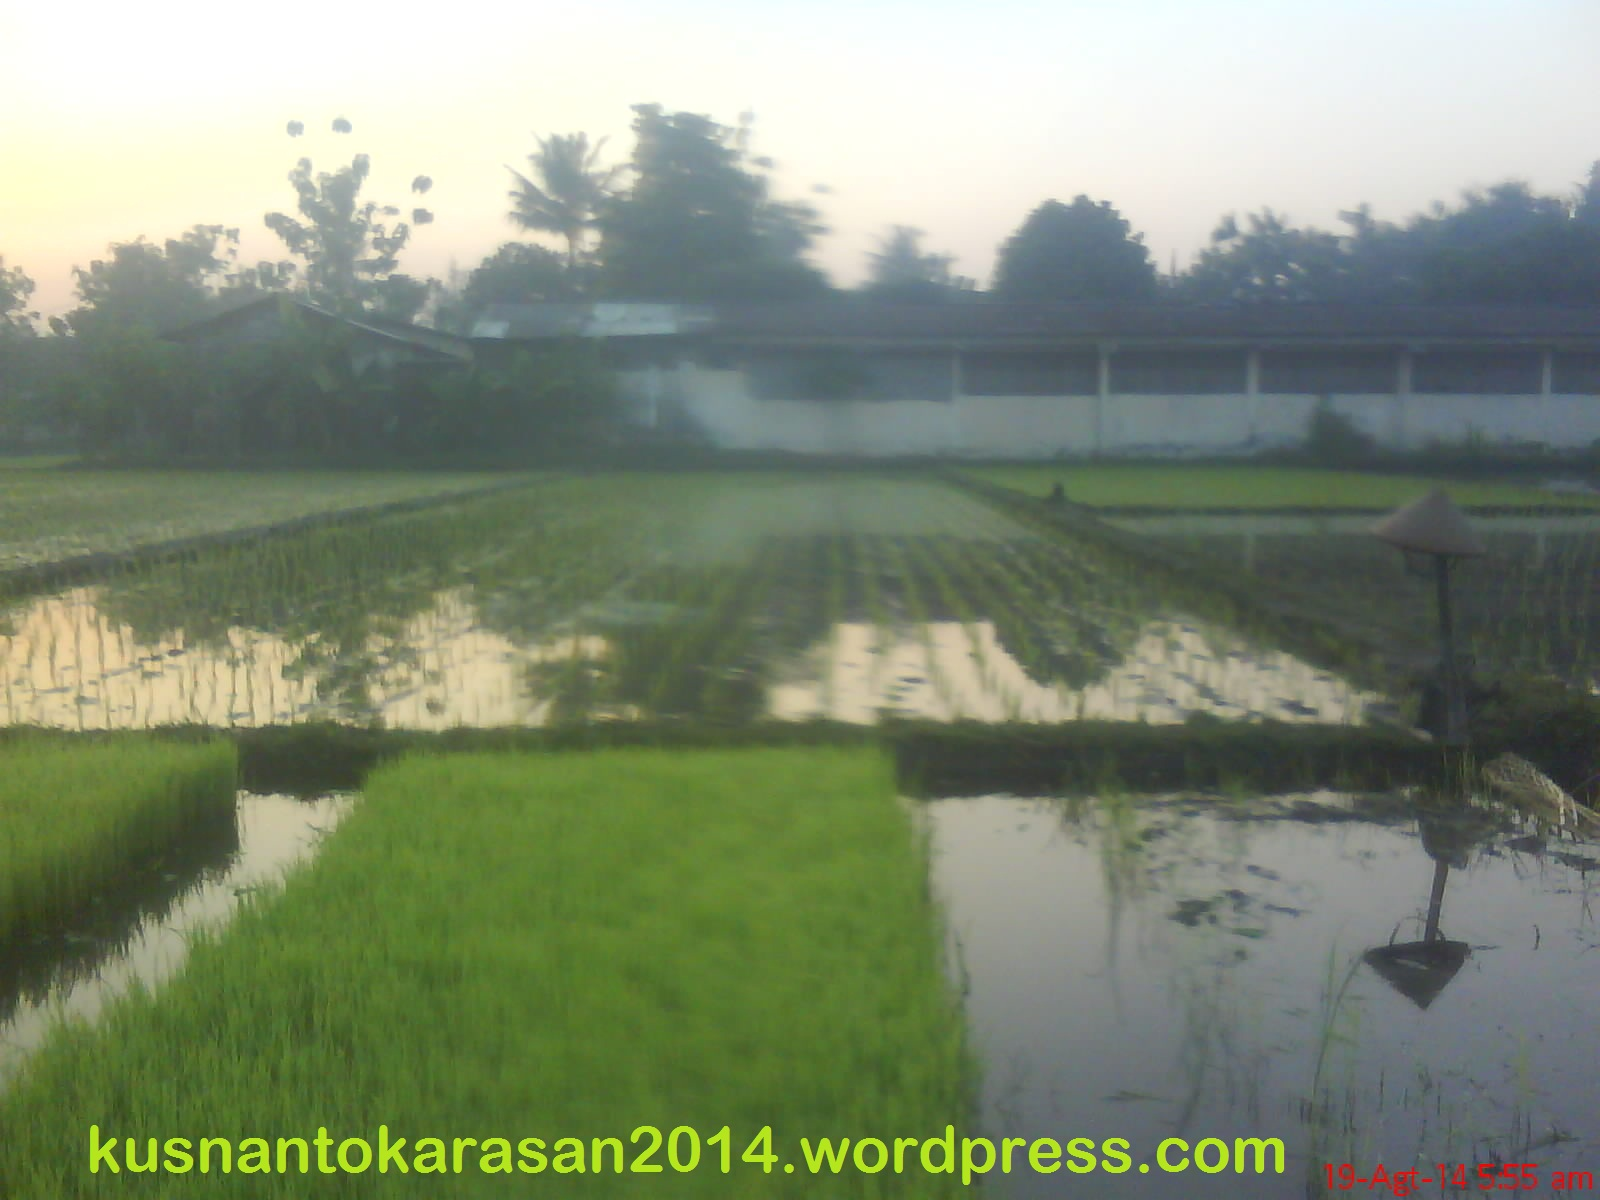 Bibit tanaman padi di media persemaian yang sudah siap tanam di lahan sawah